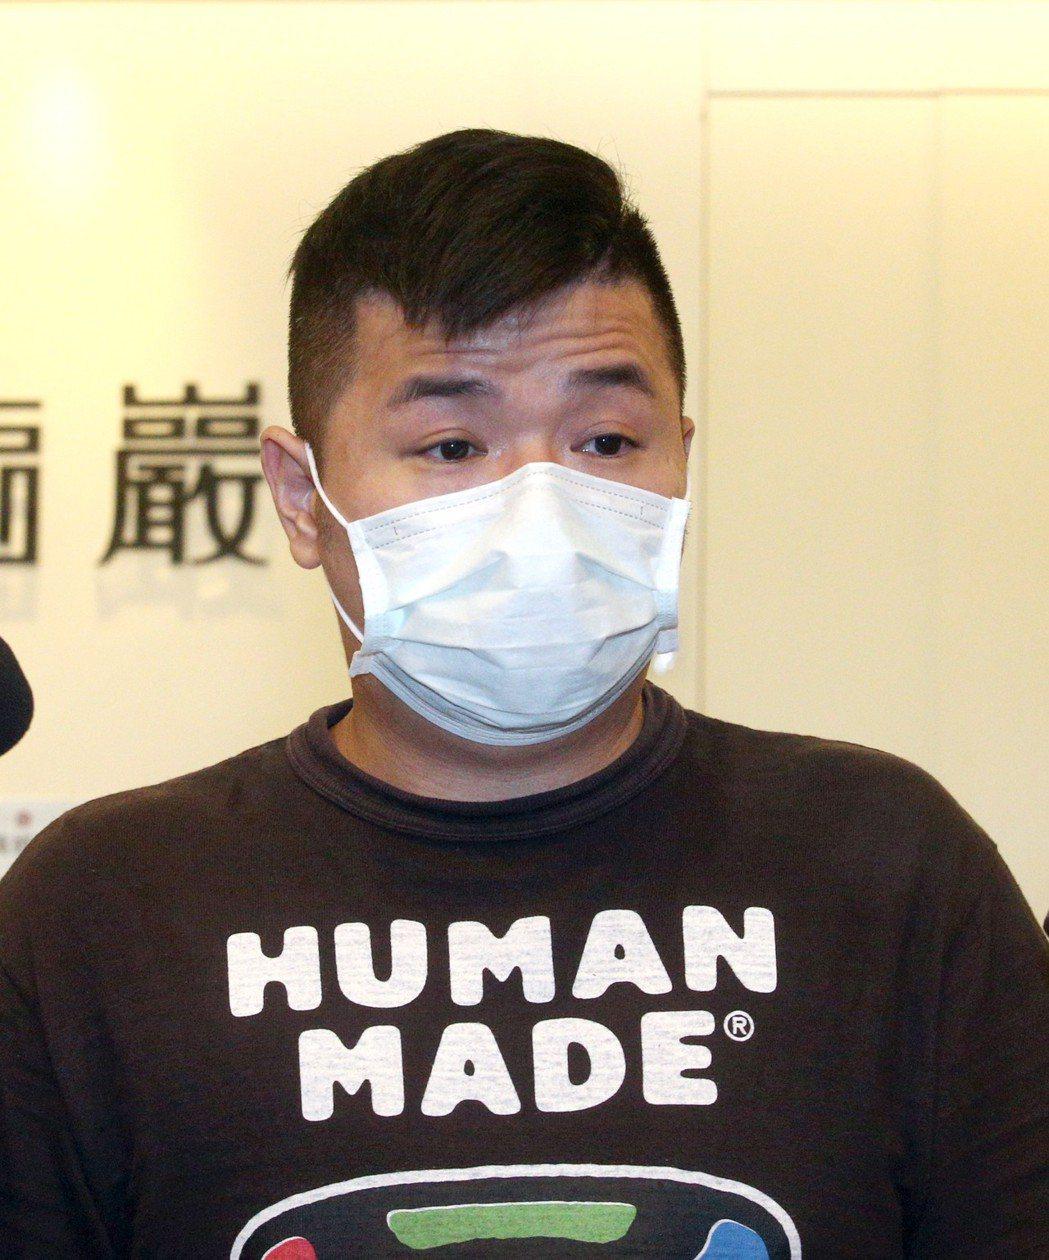 經紀人Dino現身說明驗屍初步結果。記者蘇健忠/攝影